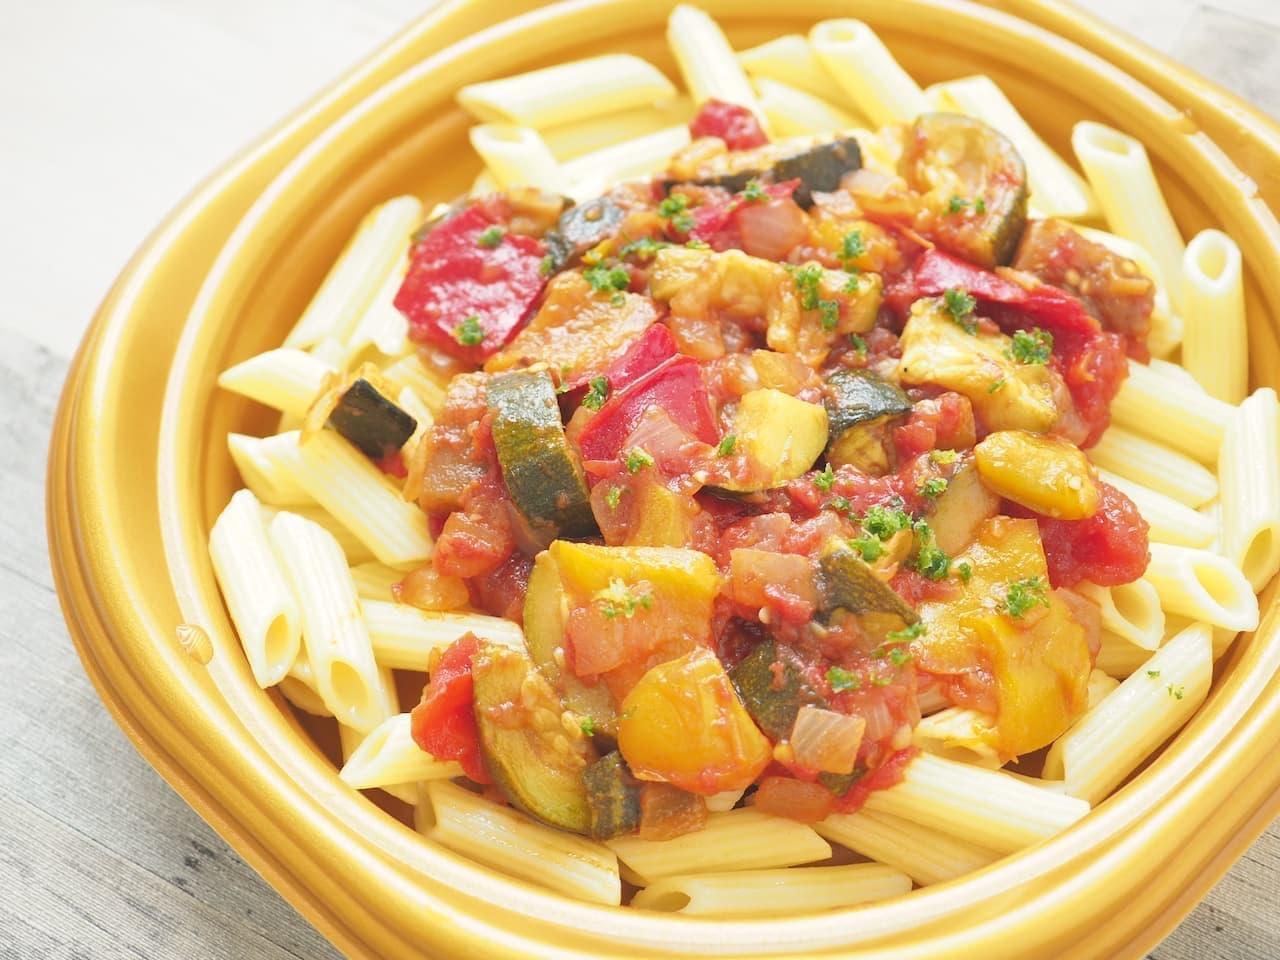 ヨーカドー夏祭りの商品「グリル野菜のラタトゥイユペンネ」